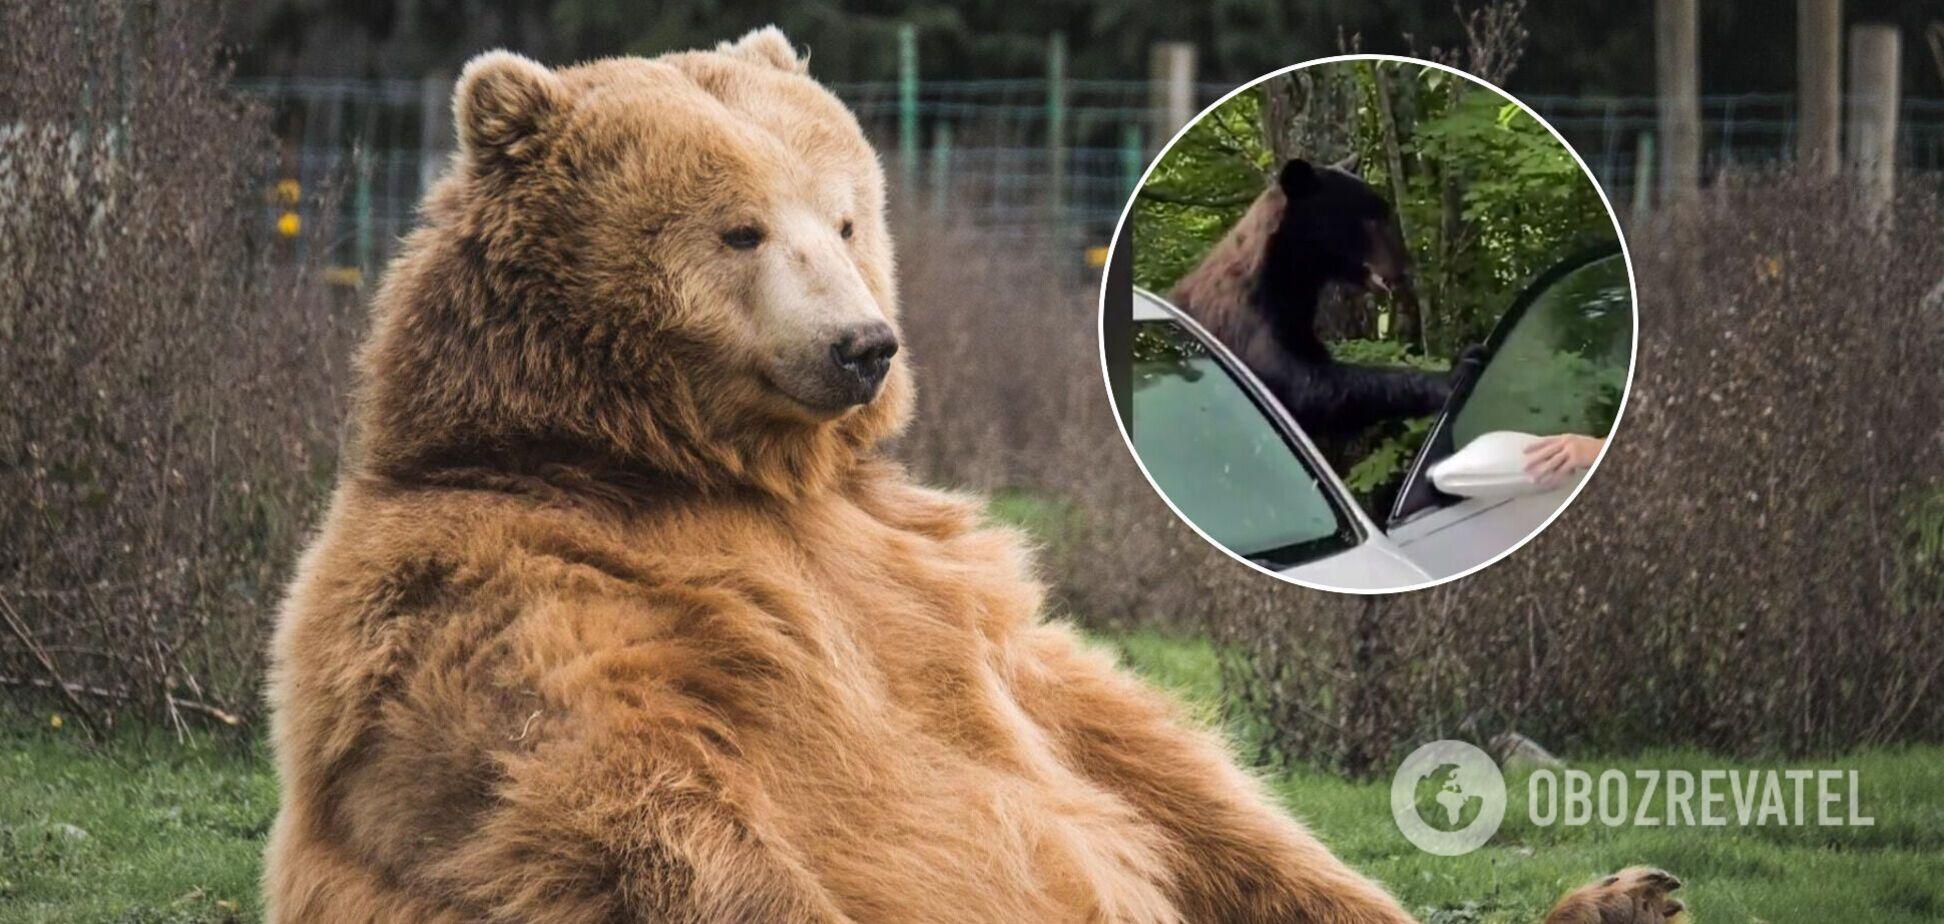 Безстрашний водій виманив ведмедя, який сів за кермо його машини. Відео